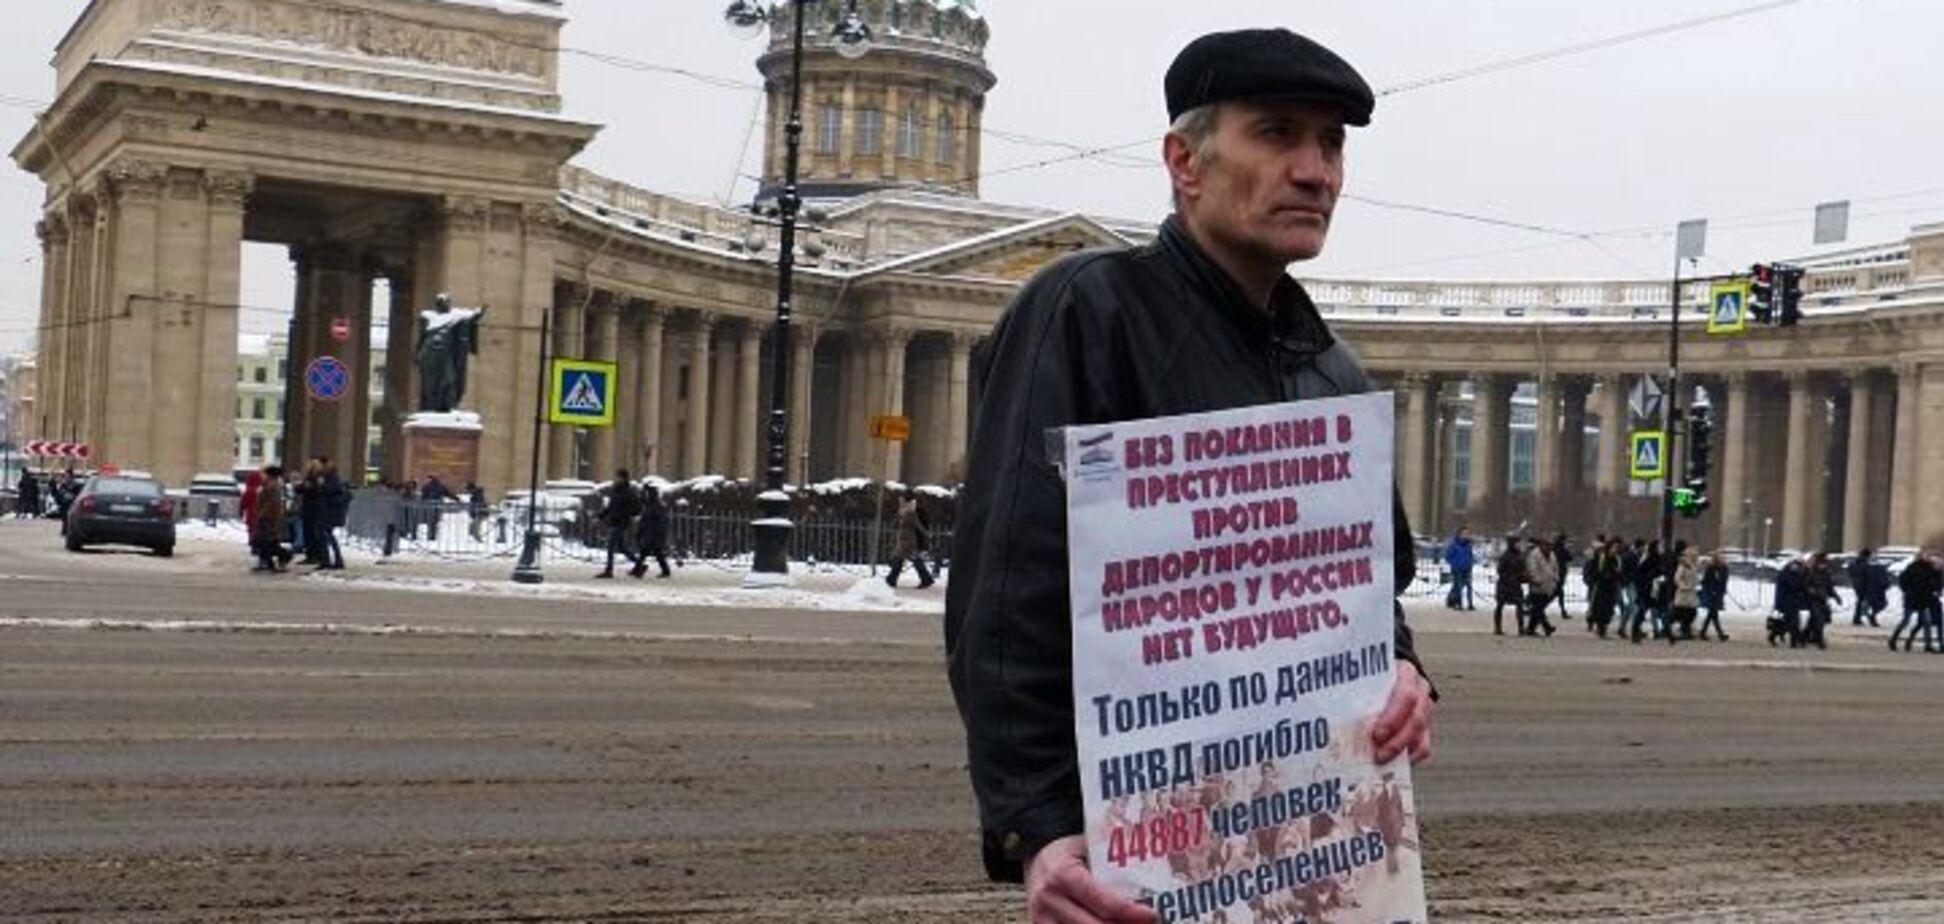 'Стреляя в Украину и Сирию, вы убиваете Россию': в Москве и Санкт-Петербурге прошли пикеты в поддержку крымских татар